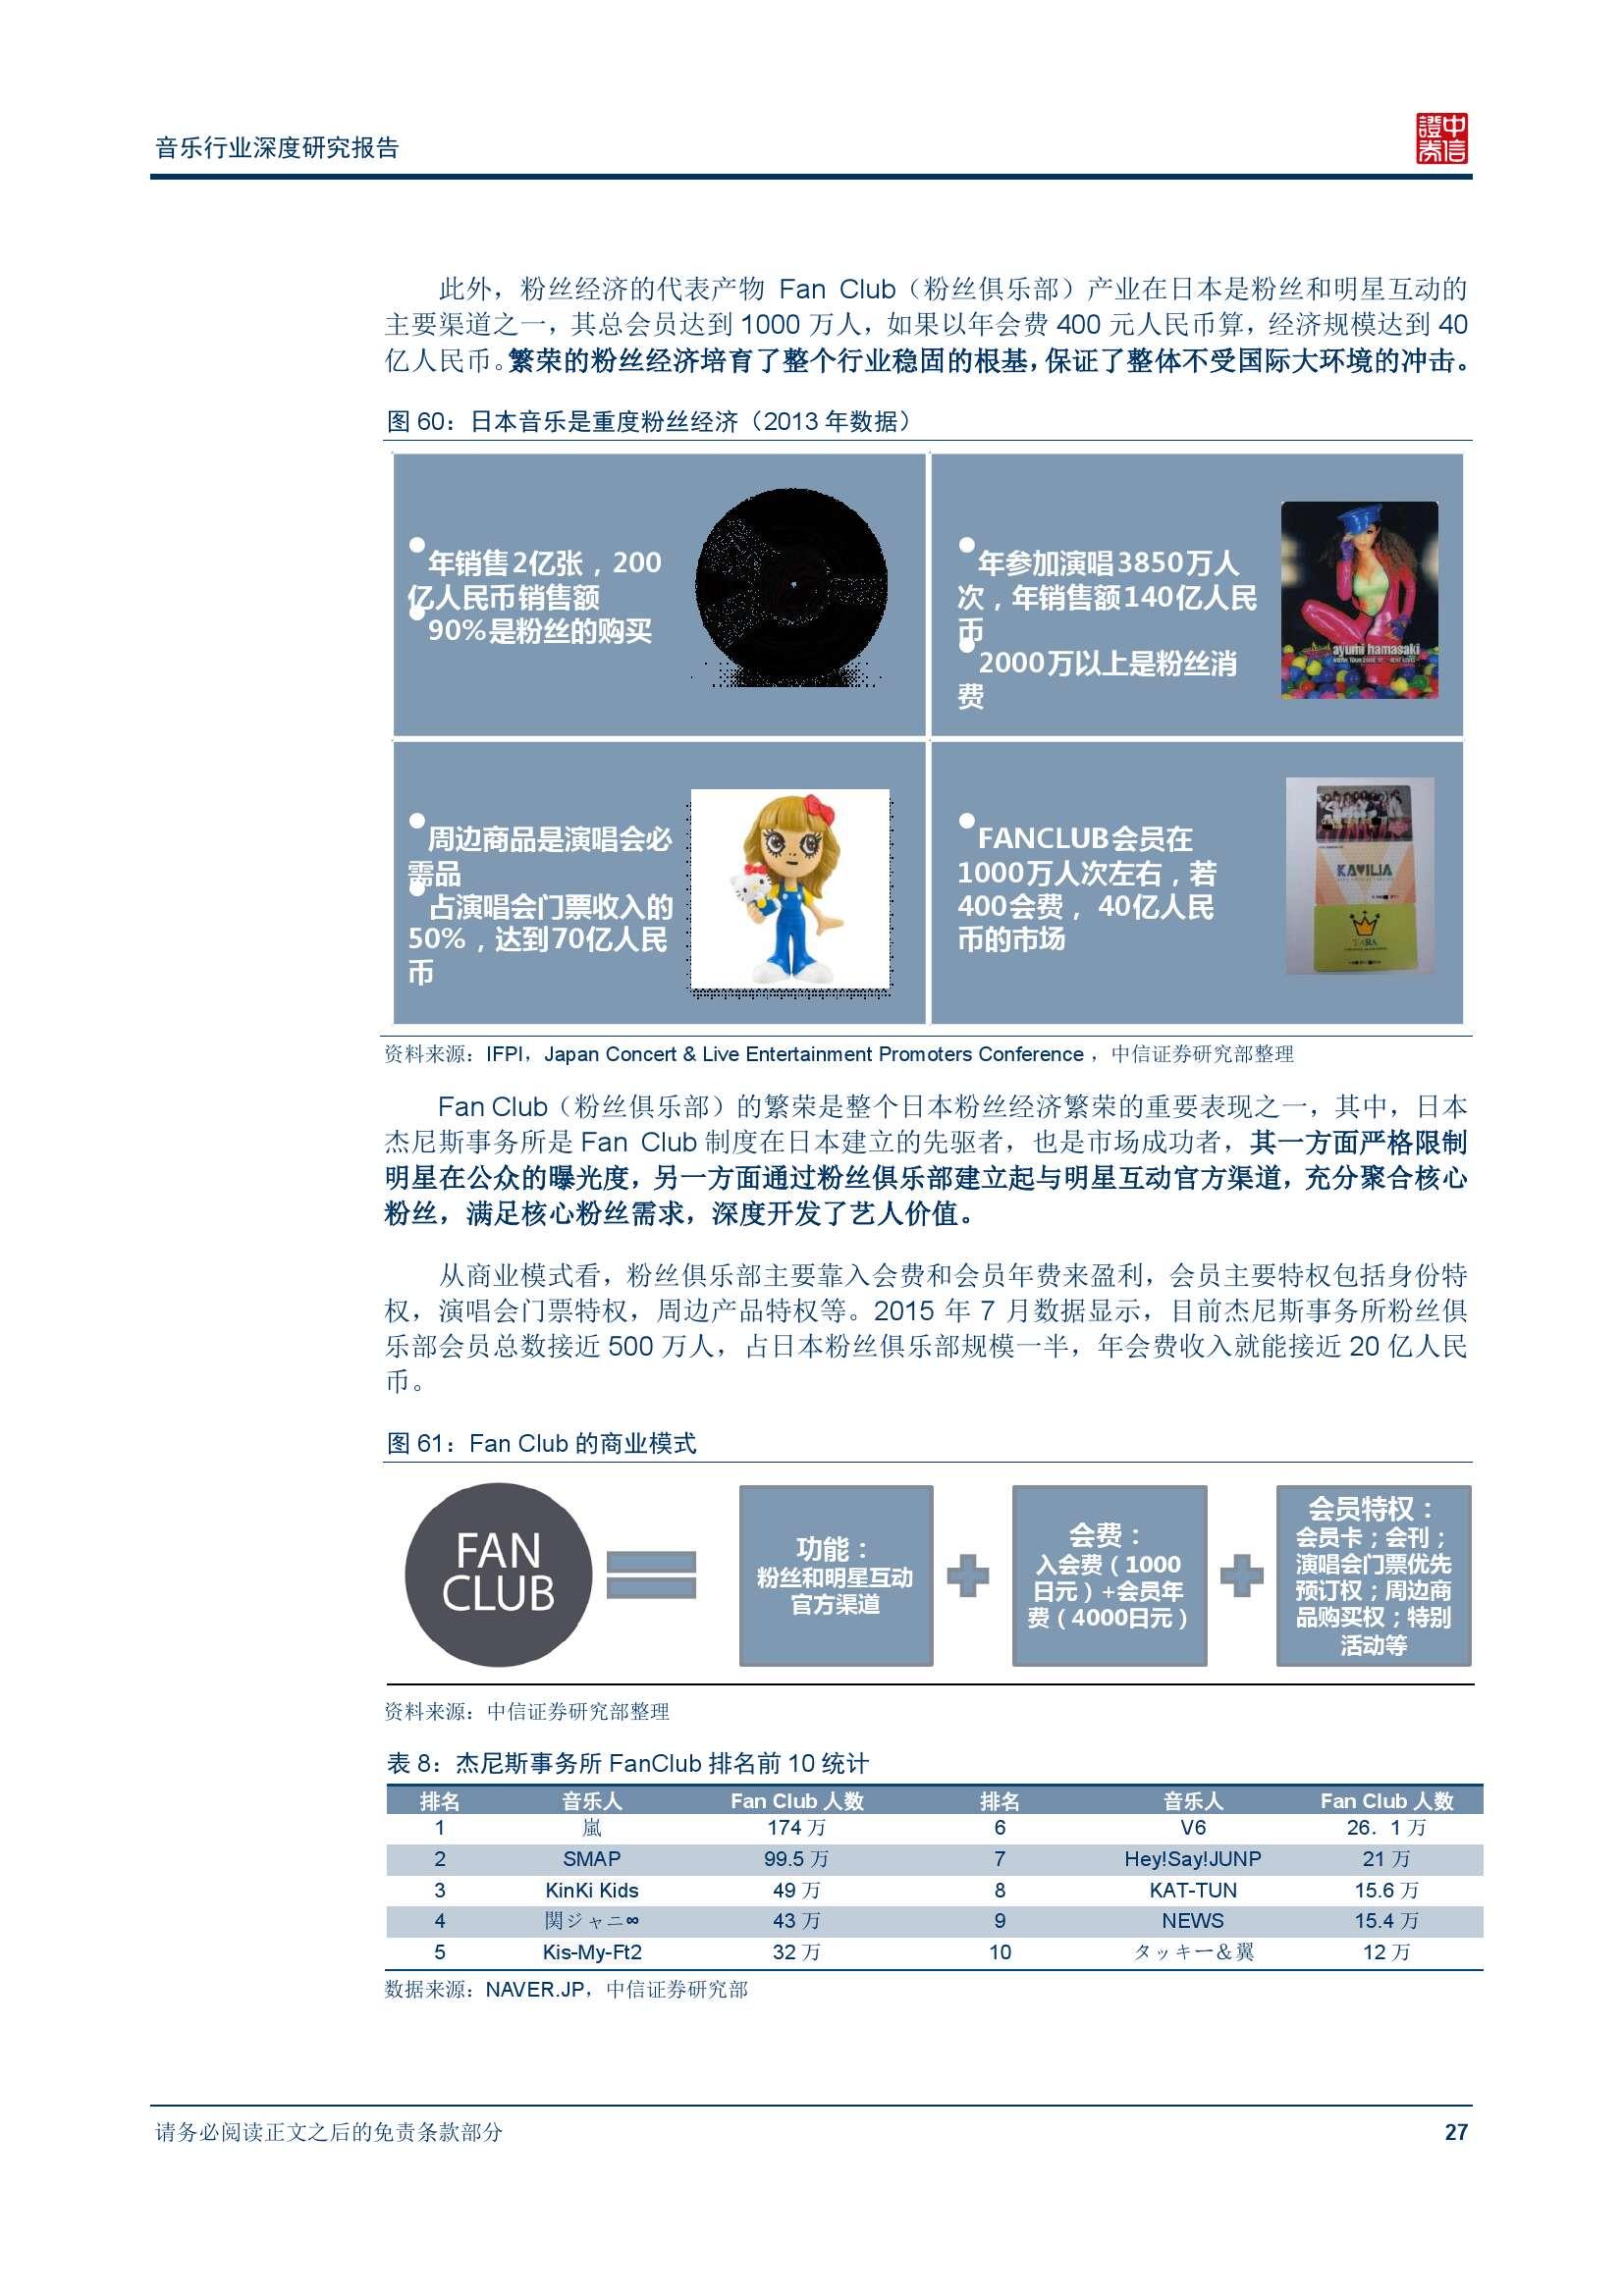 中信证券音乐行业深度研究报告_000032